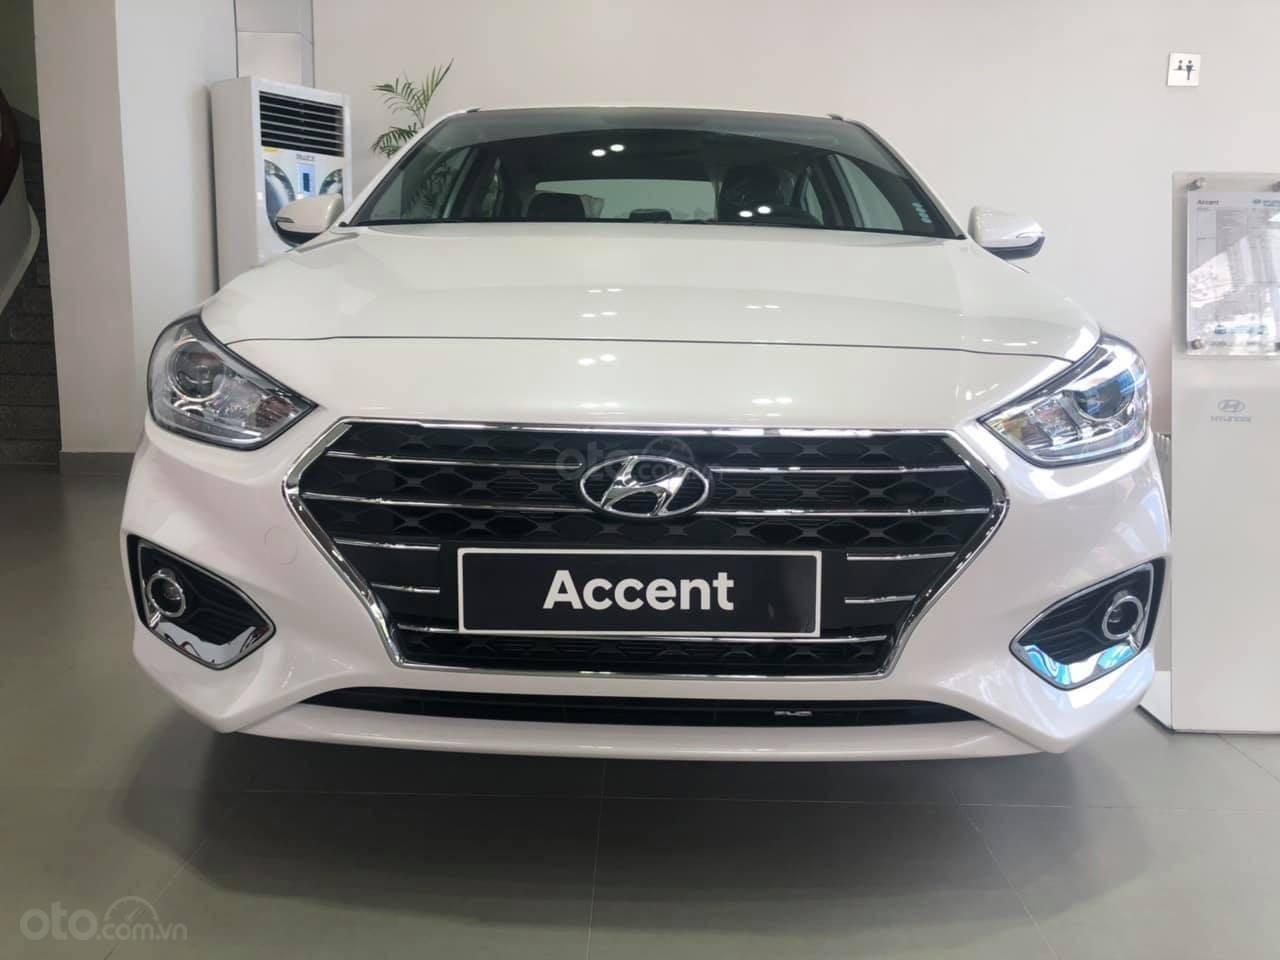 Cần bán Hyundai Accent đời 2019, màu trắng nhập khẩu, giá 430 triệu đồng (1)